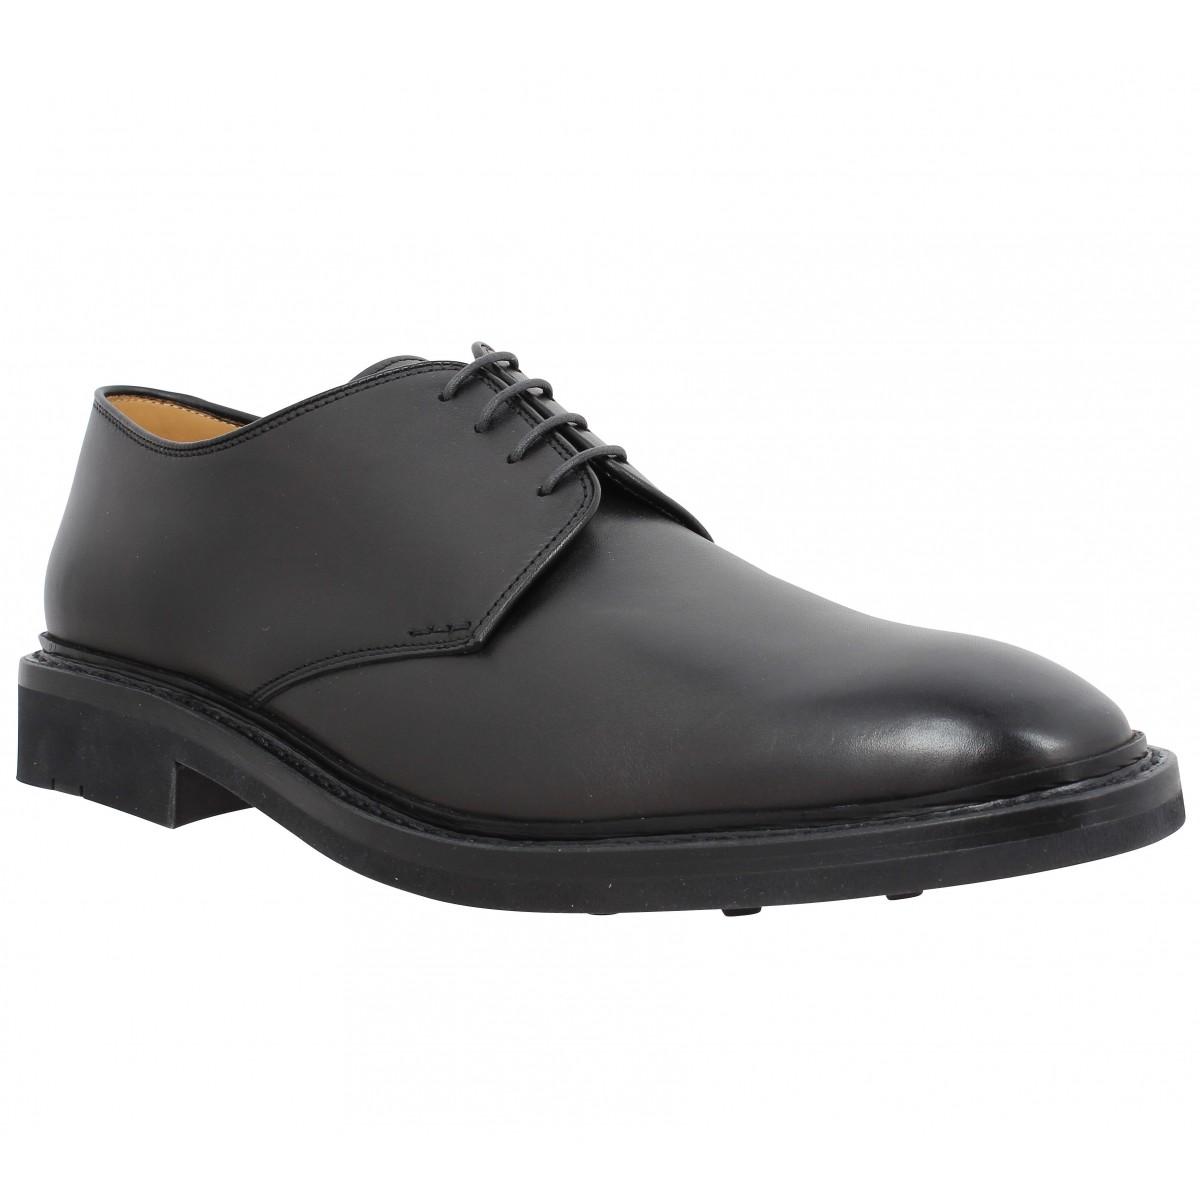 Chaussures à lacets HESCHUNG Fustet cuir Homme Noir